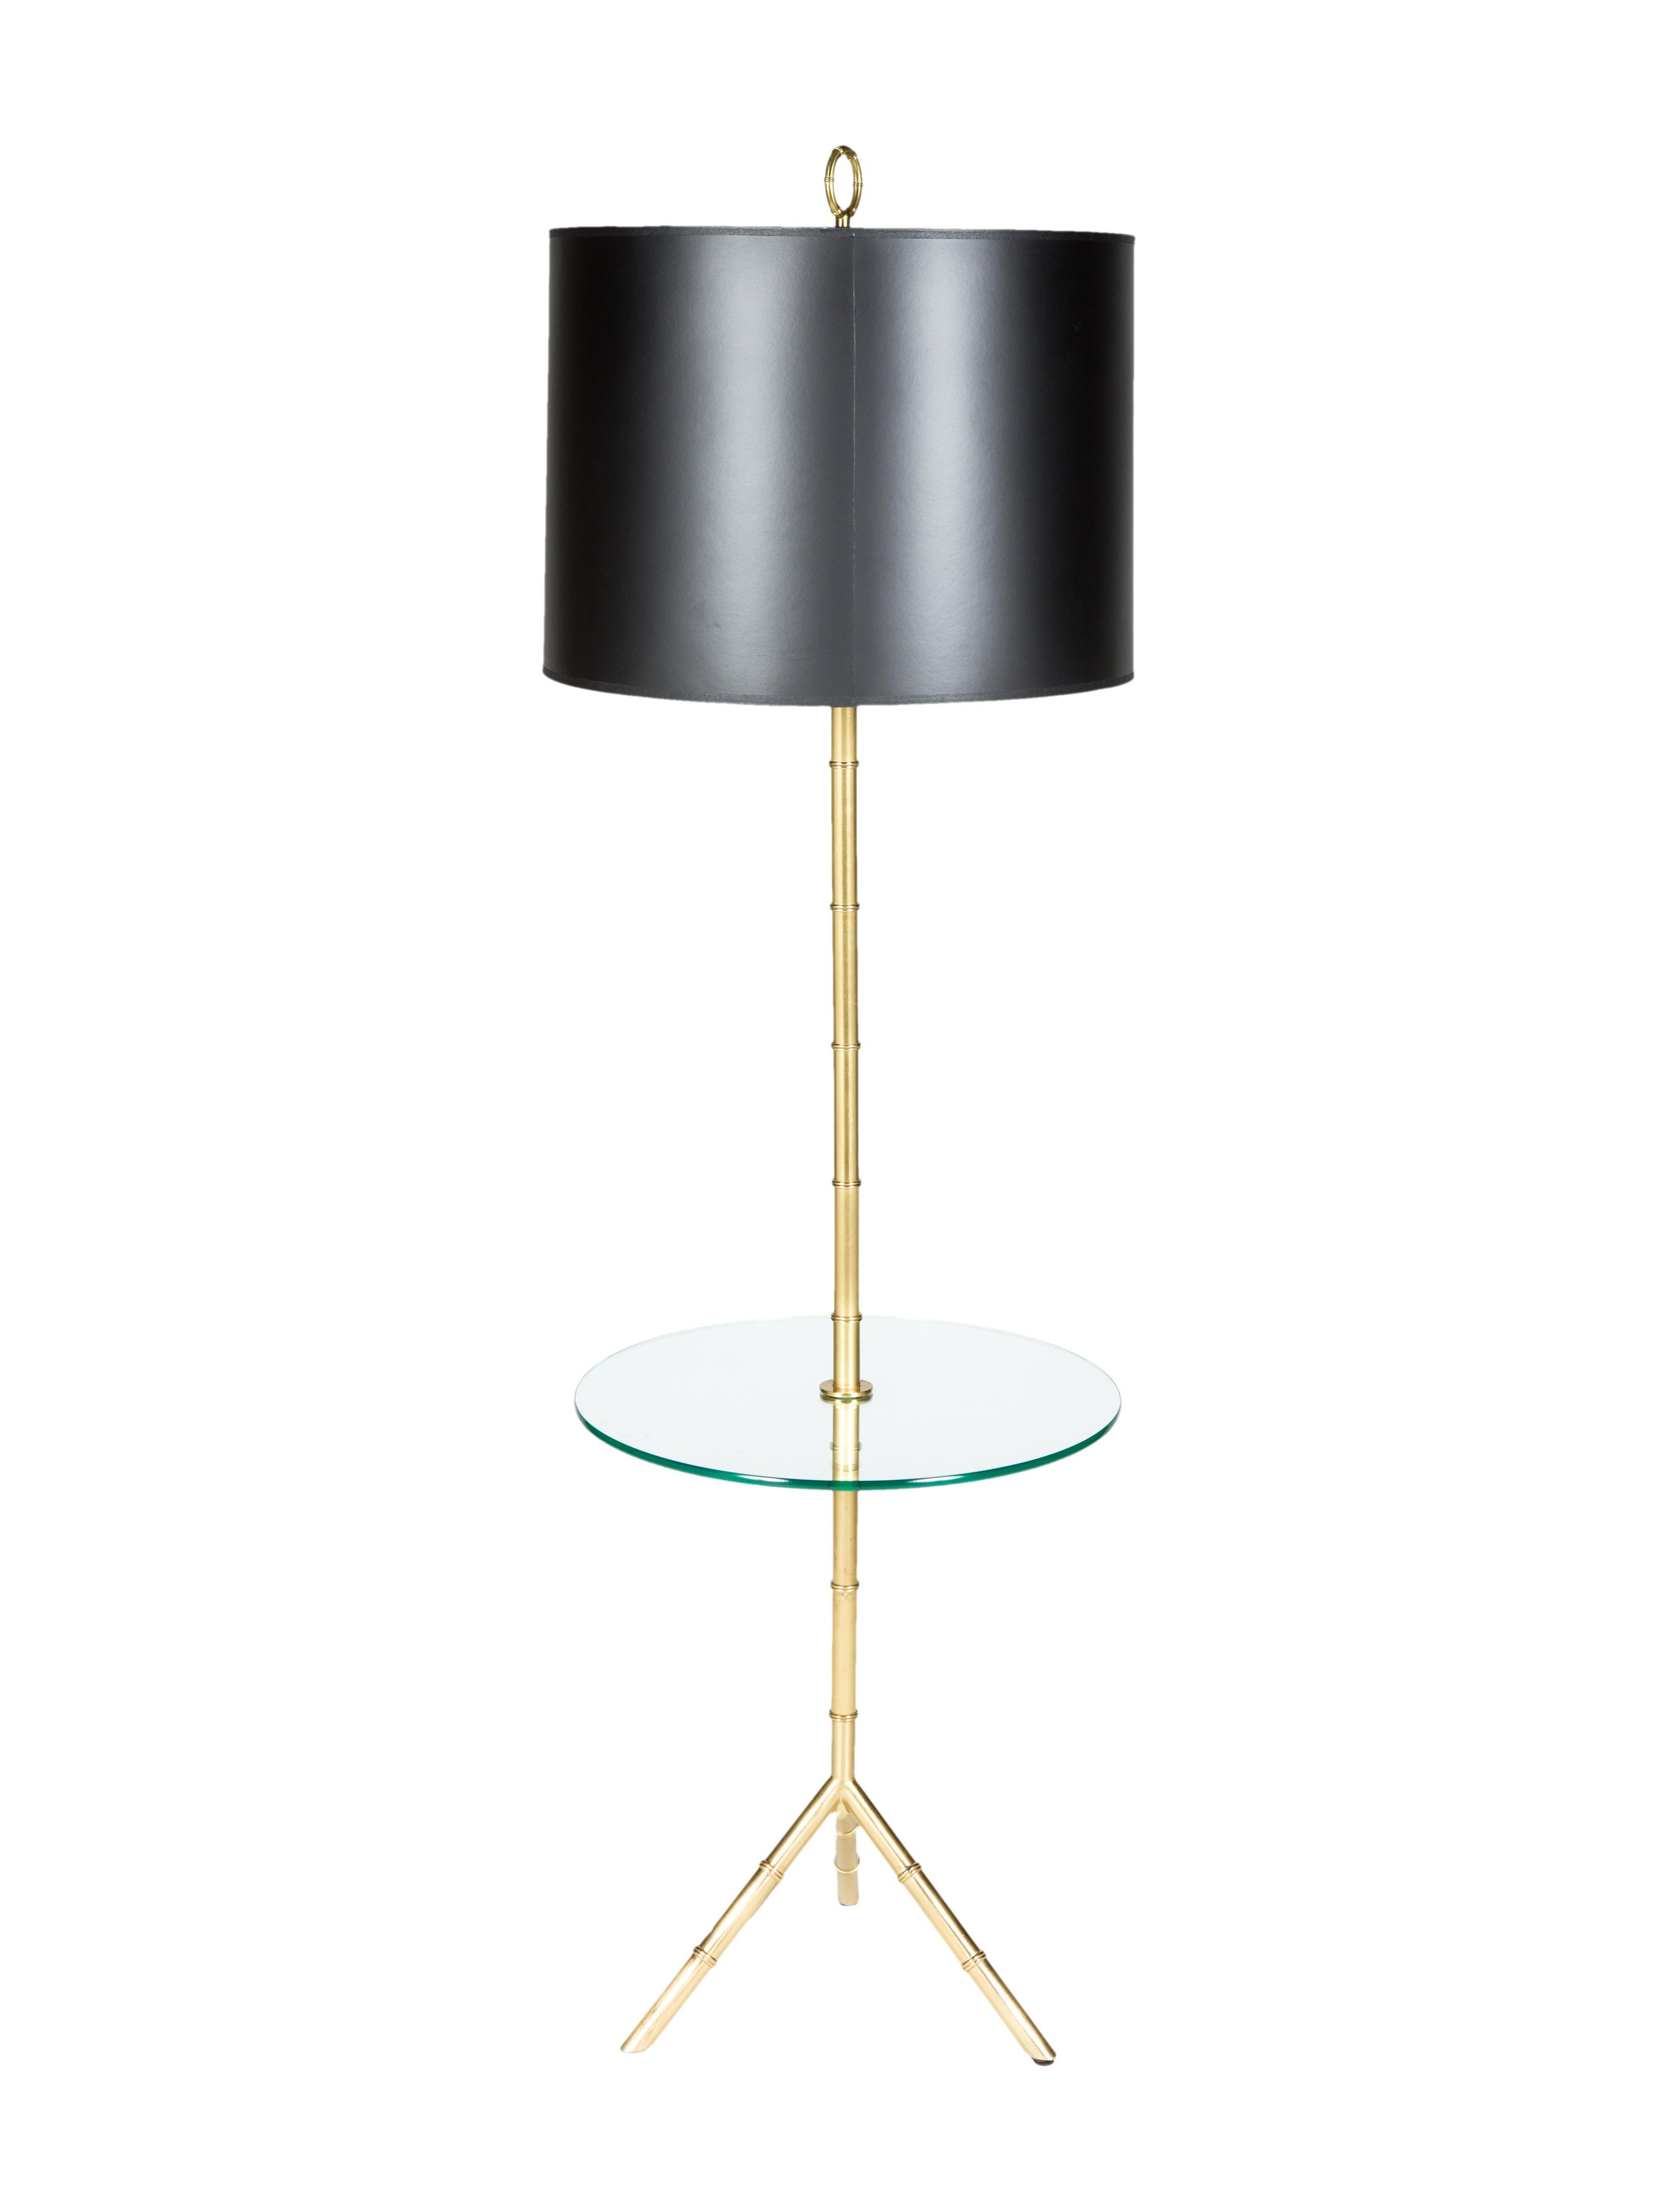 Jonathan Adler Robert Abbey Meurice Floor Lamp Lighting